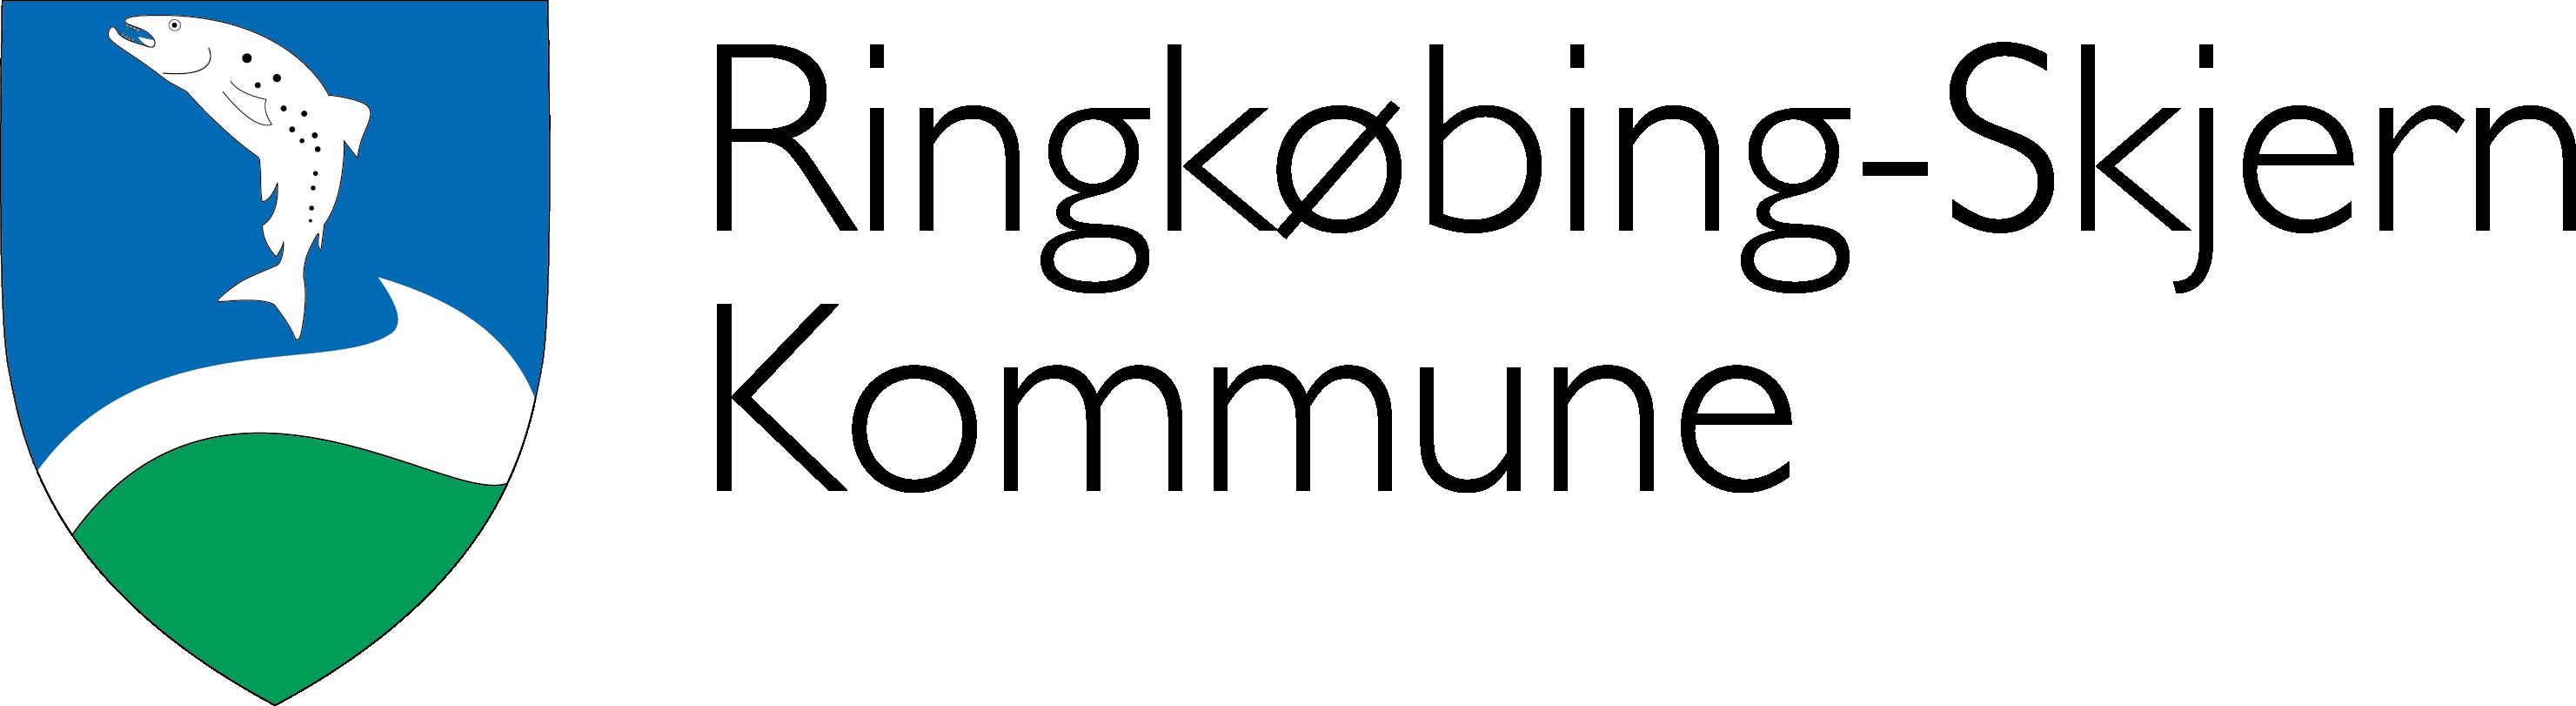 ringkobing-skjern-logo